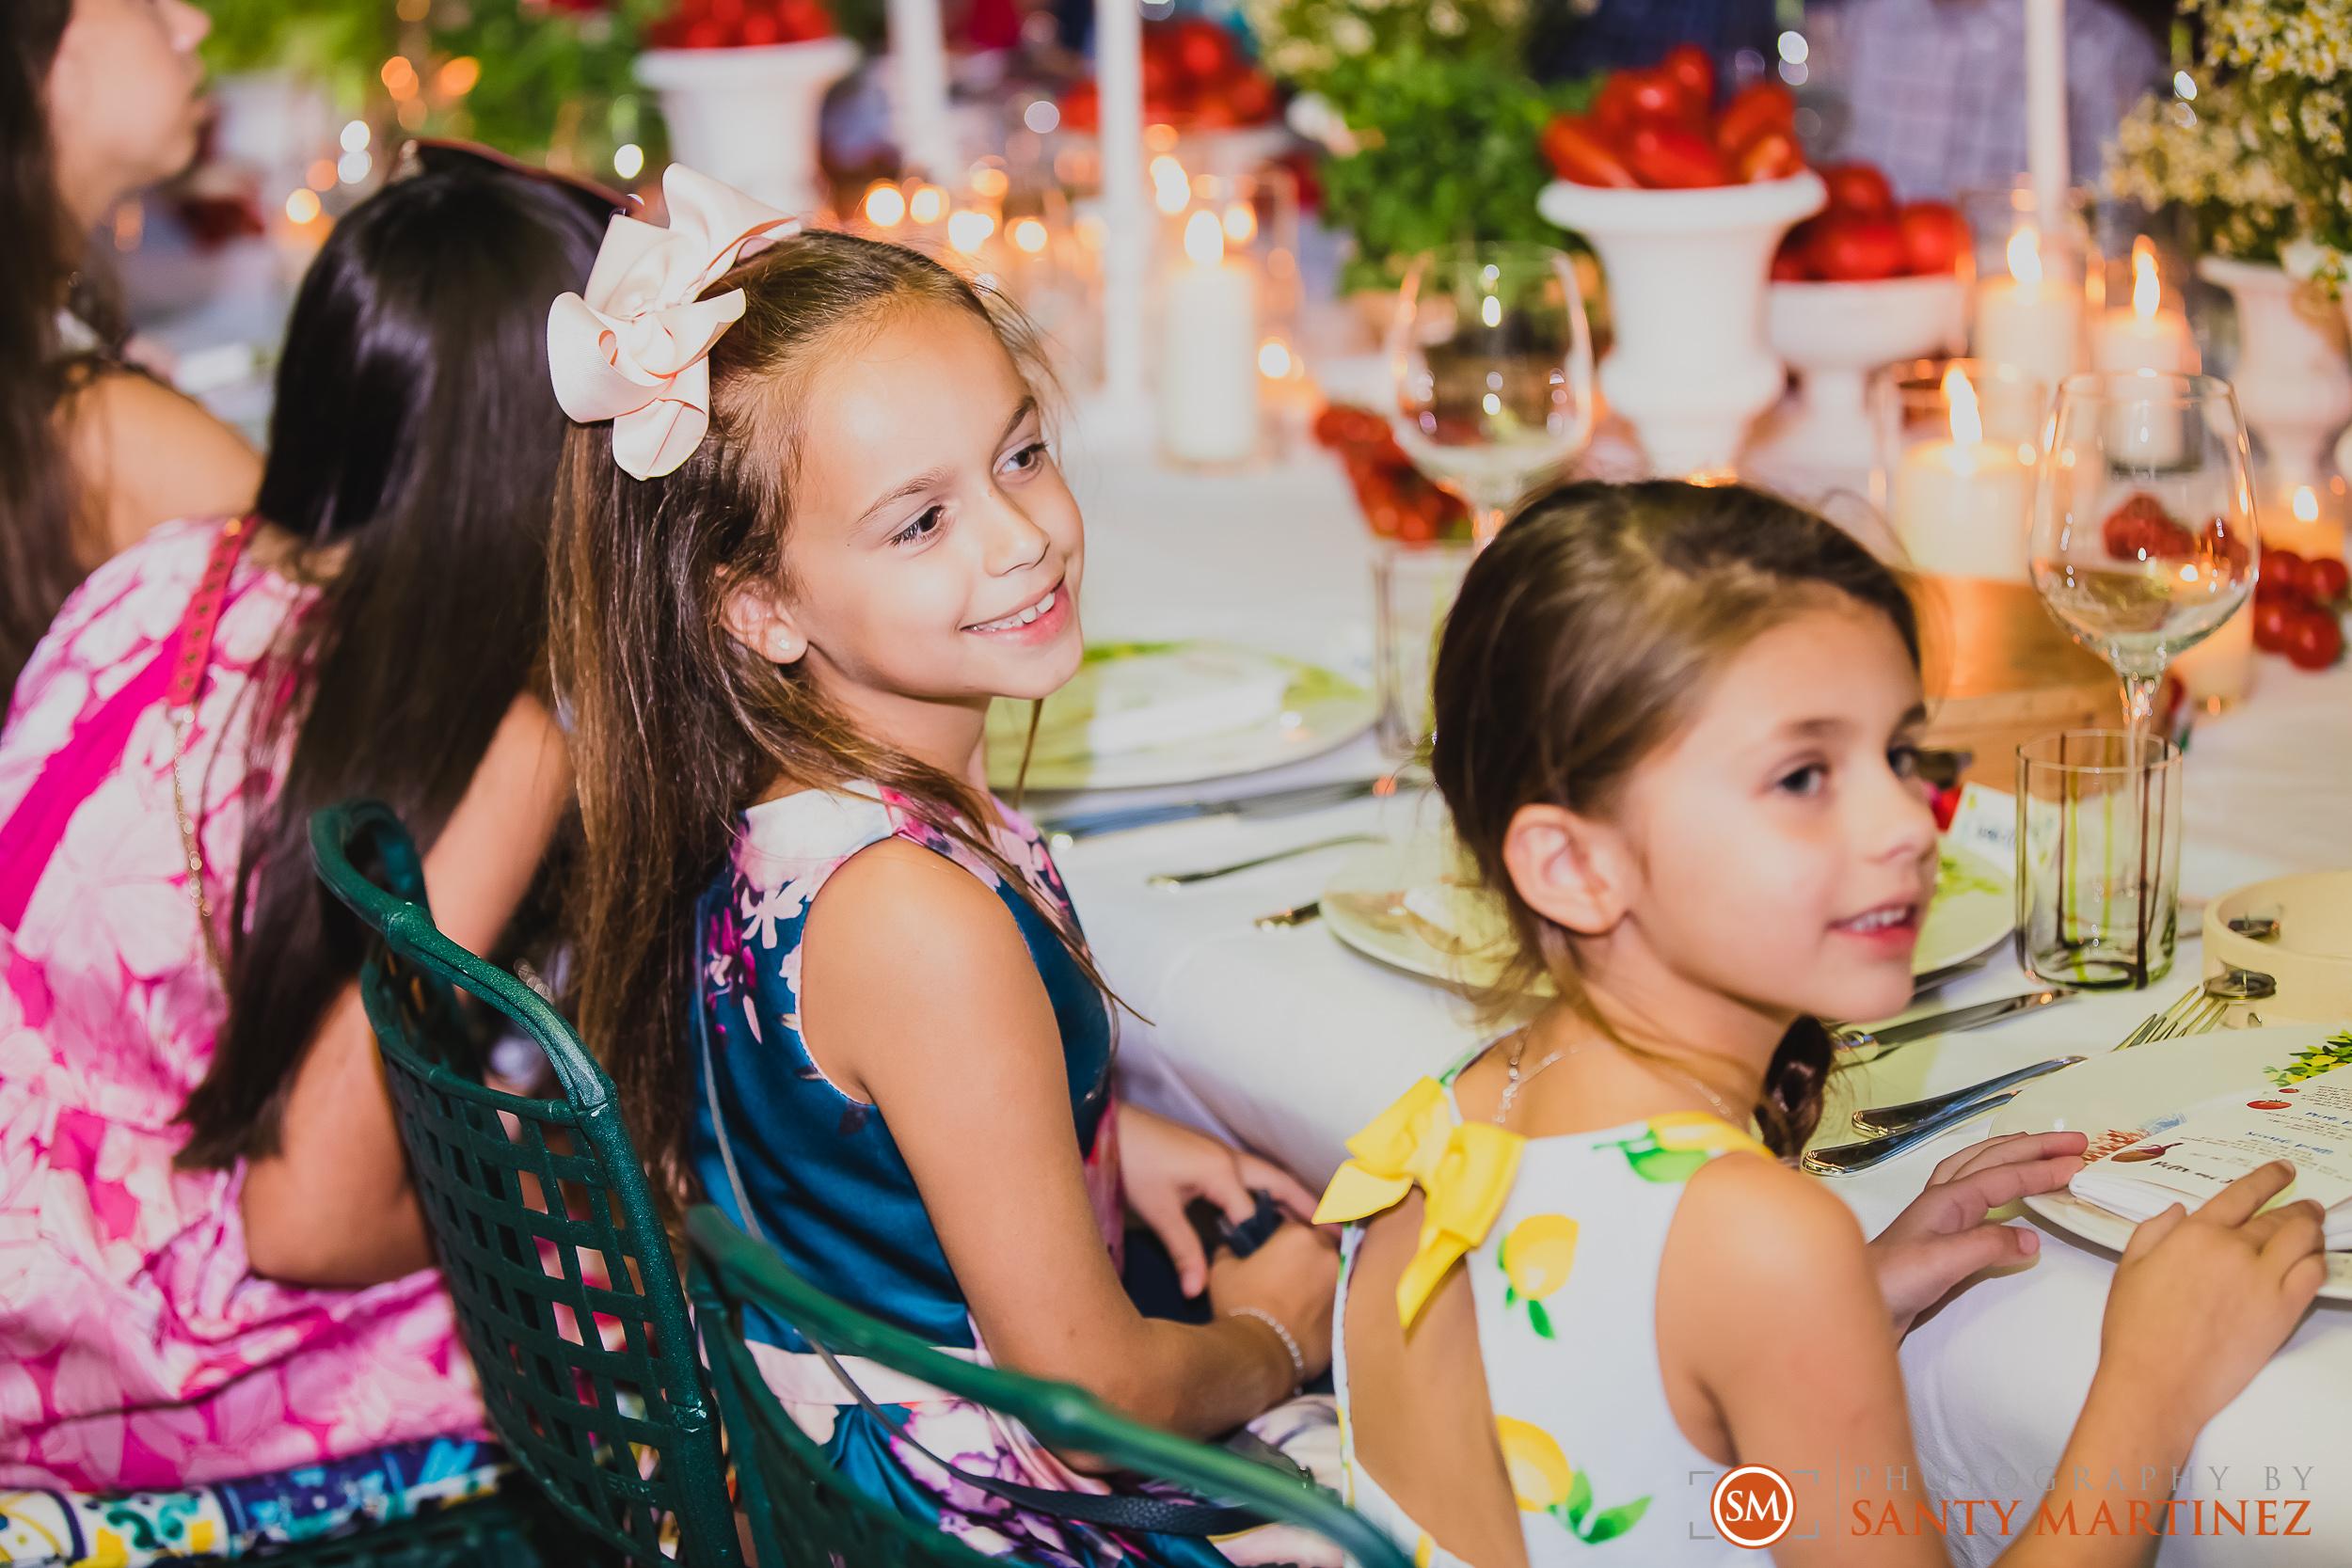 Capri Italy Wedding - Santy Martinez-27.jpg